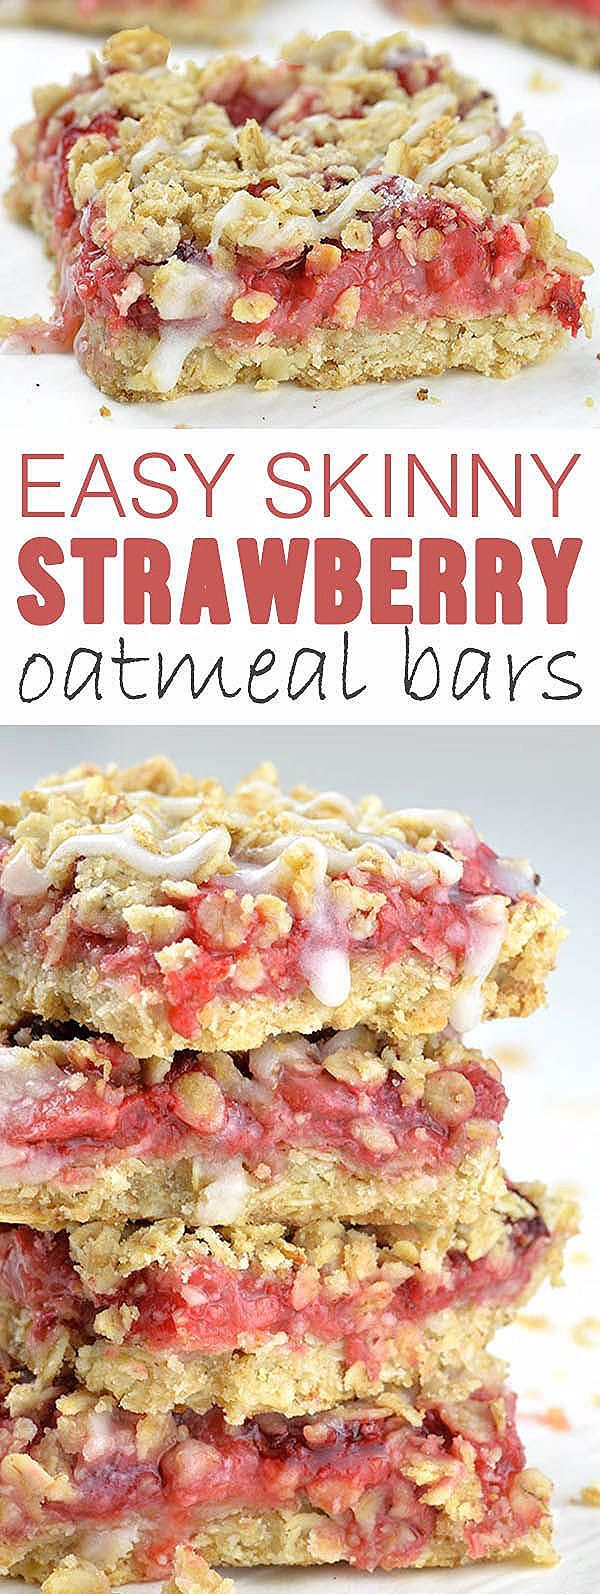 Photo of Easy Skinny Strawberry Oatmeal Bars